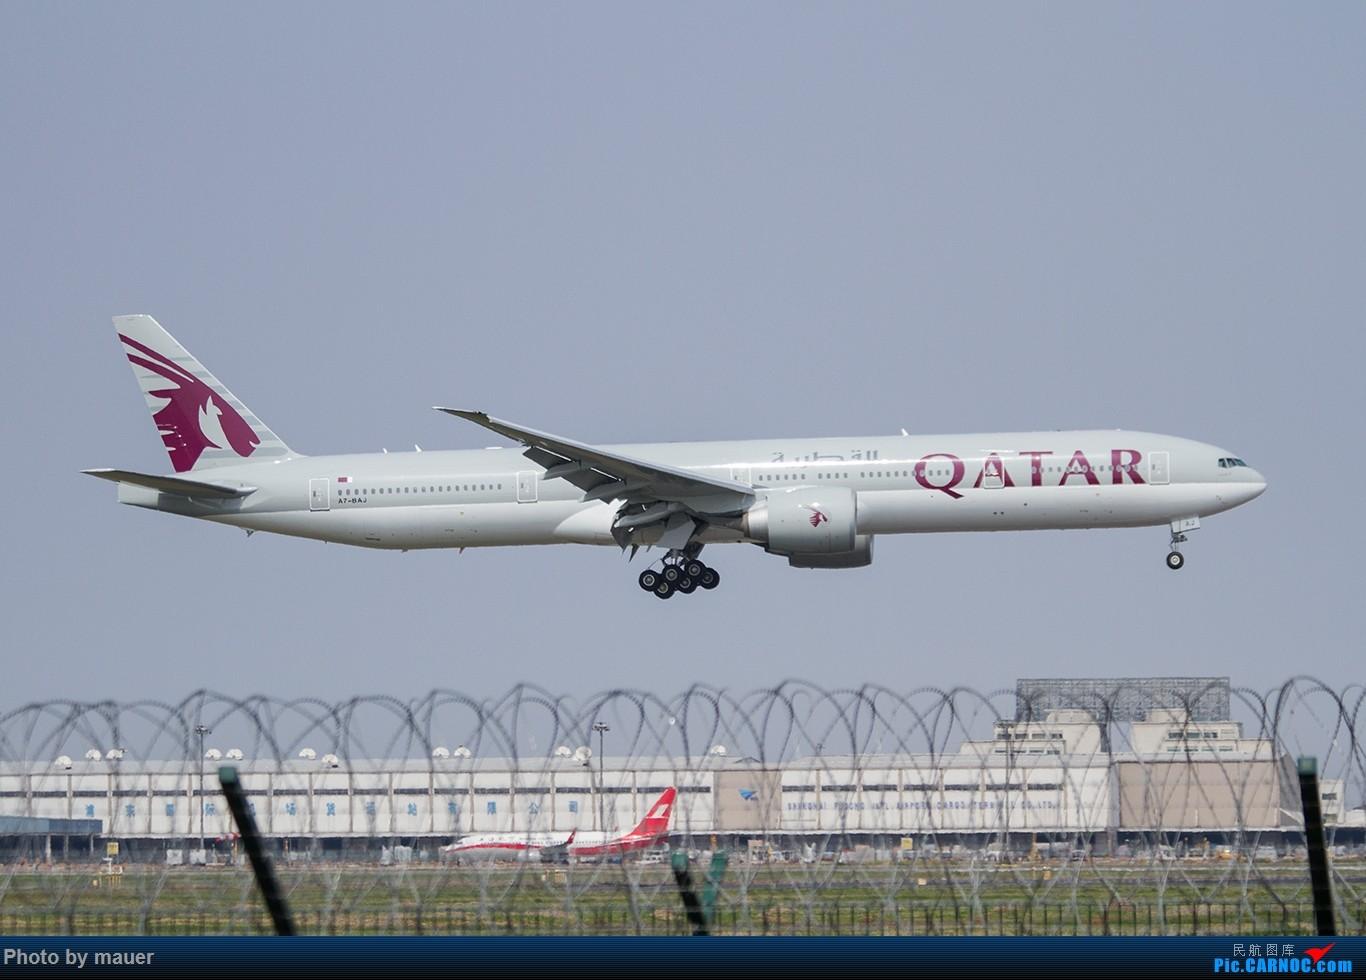 [原创]【福州飞友会】第一次PVG拍机 满足! BOEING 777-300ER A7-BAJ